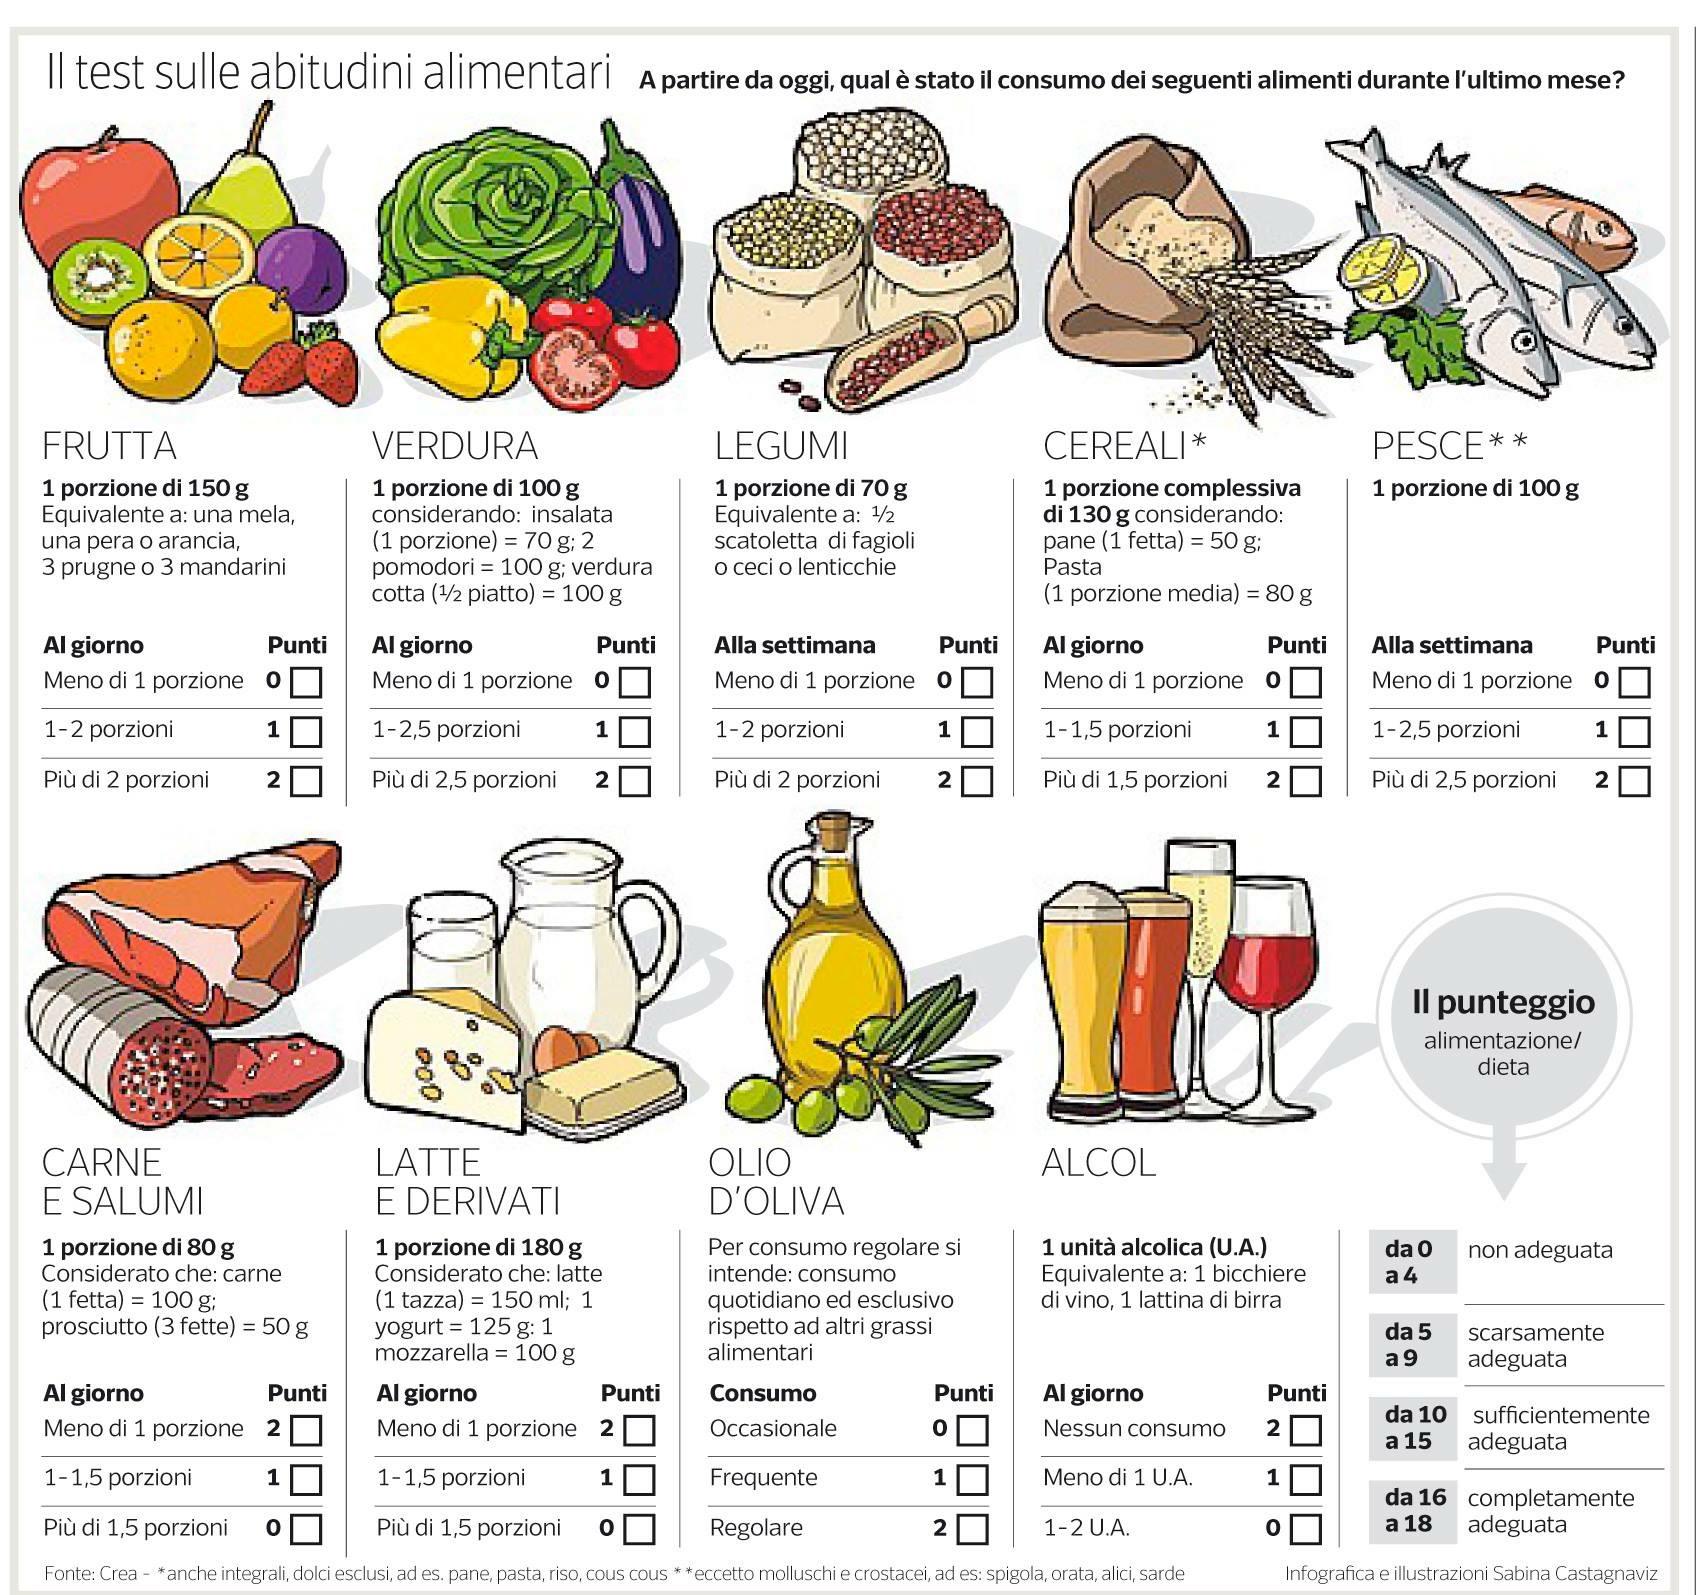 Fai il test sulle tue abitudini alimentari